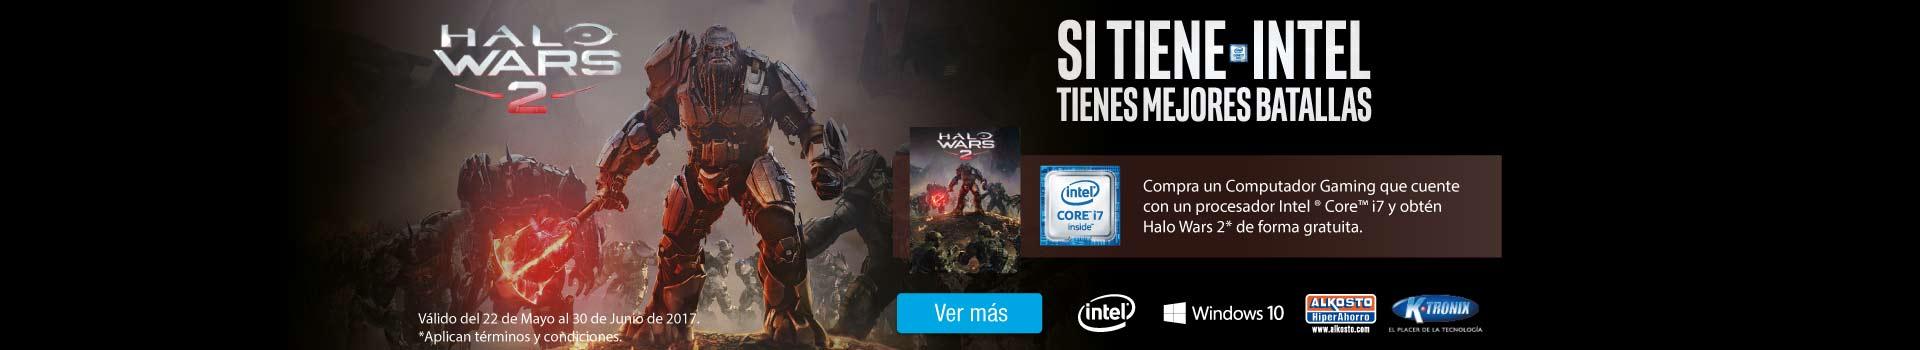 CAT AK y KT - Campaña Halo Wars Intel - Jun 2